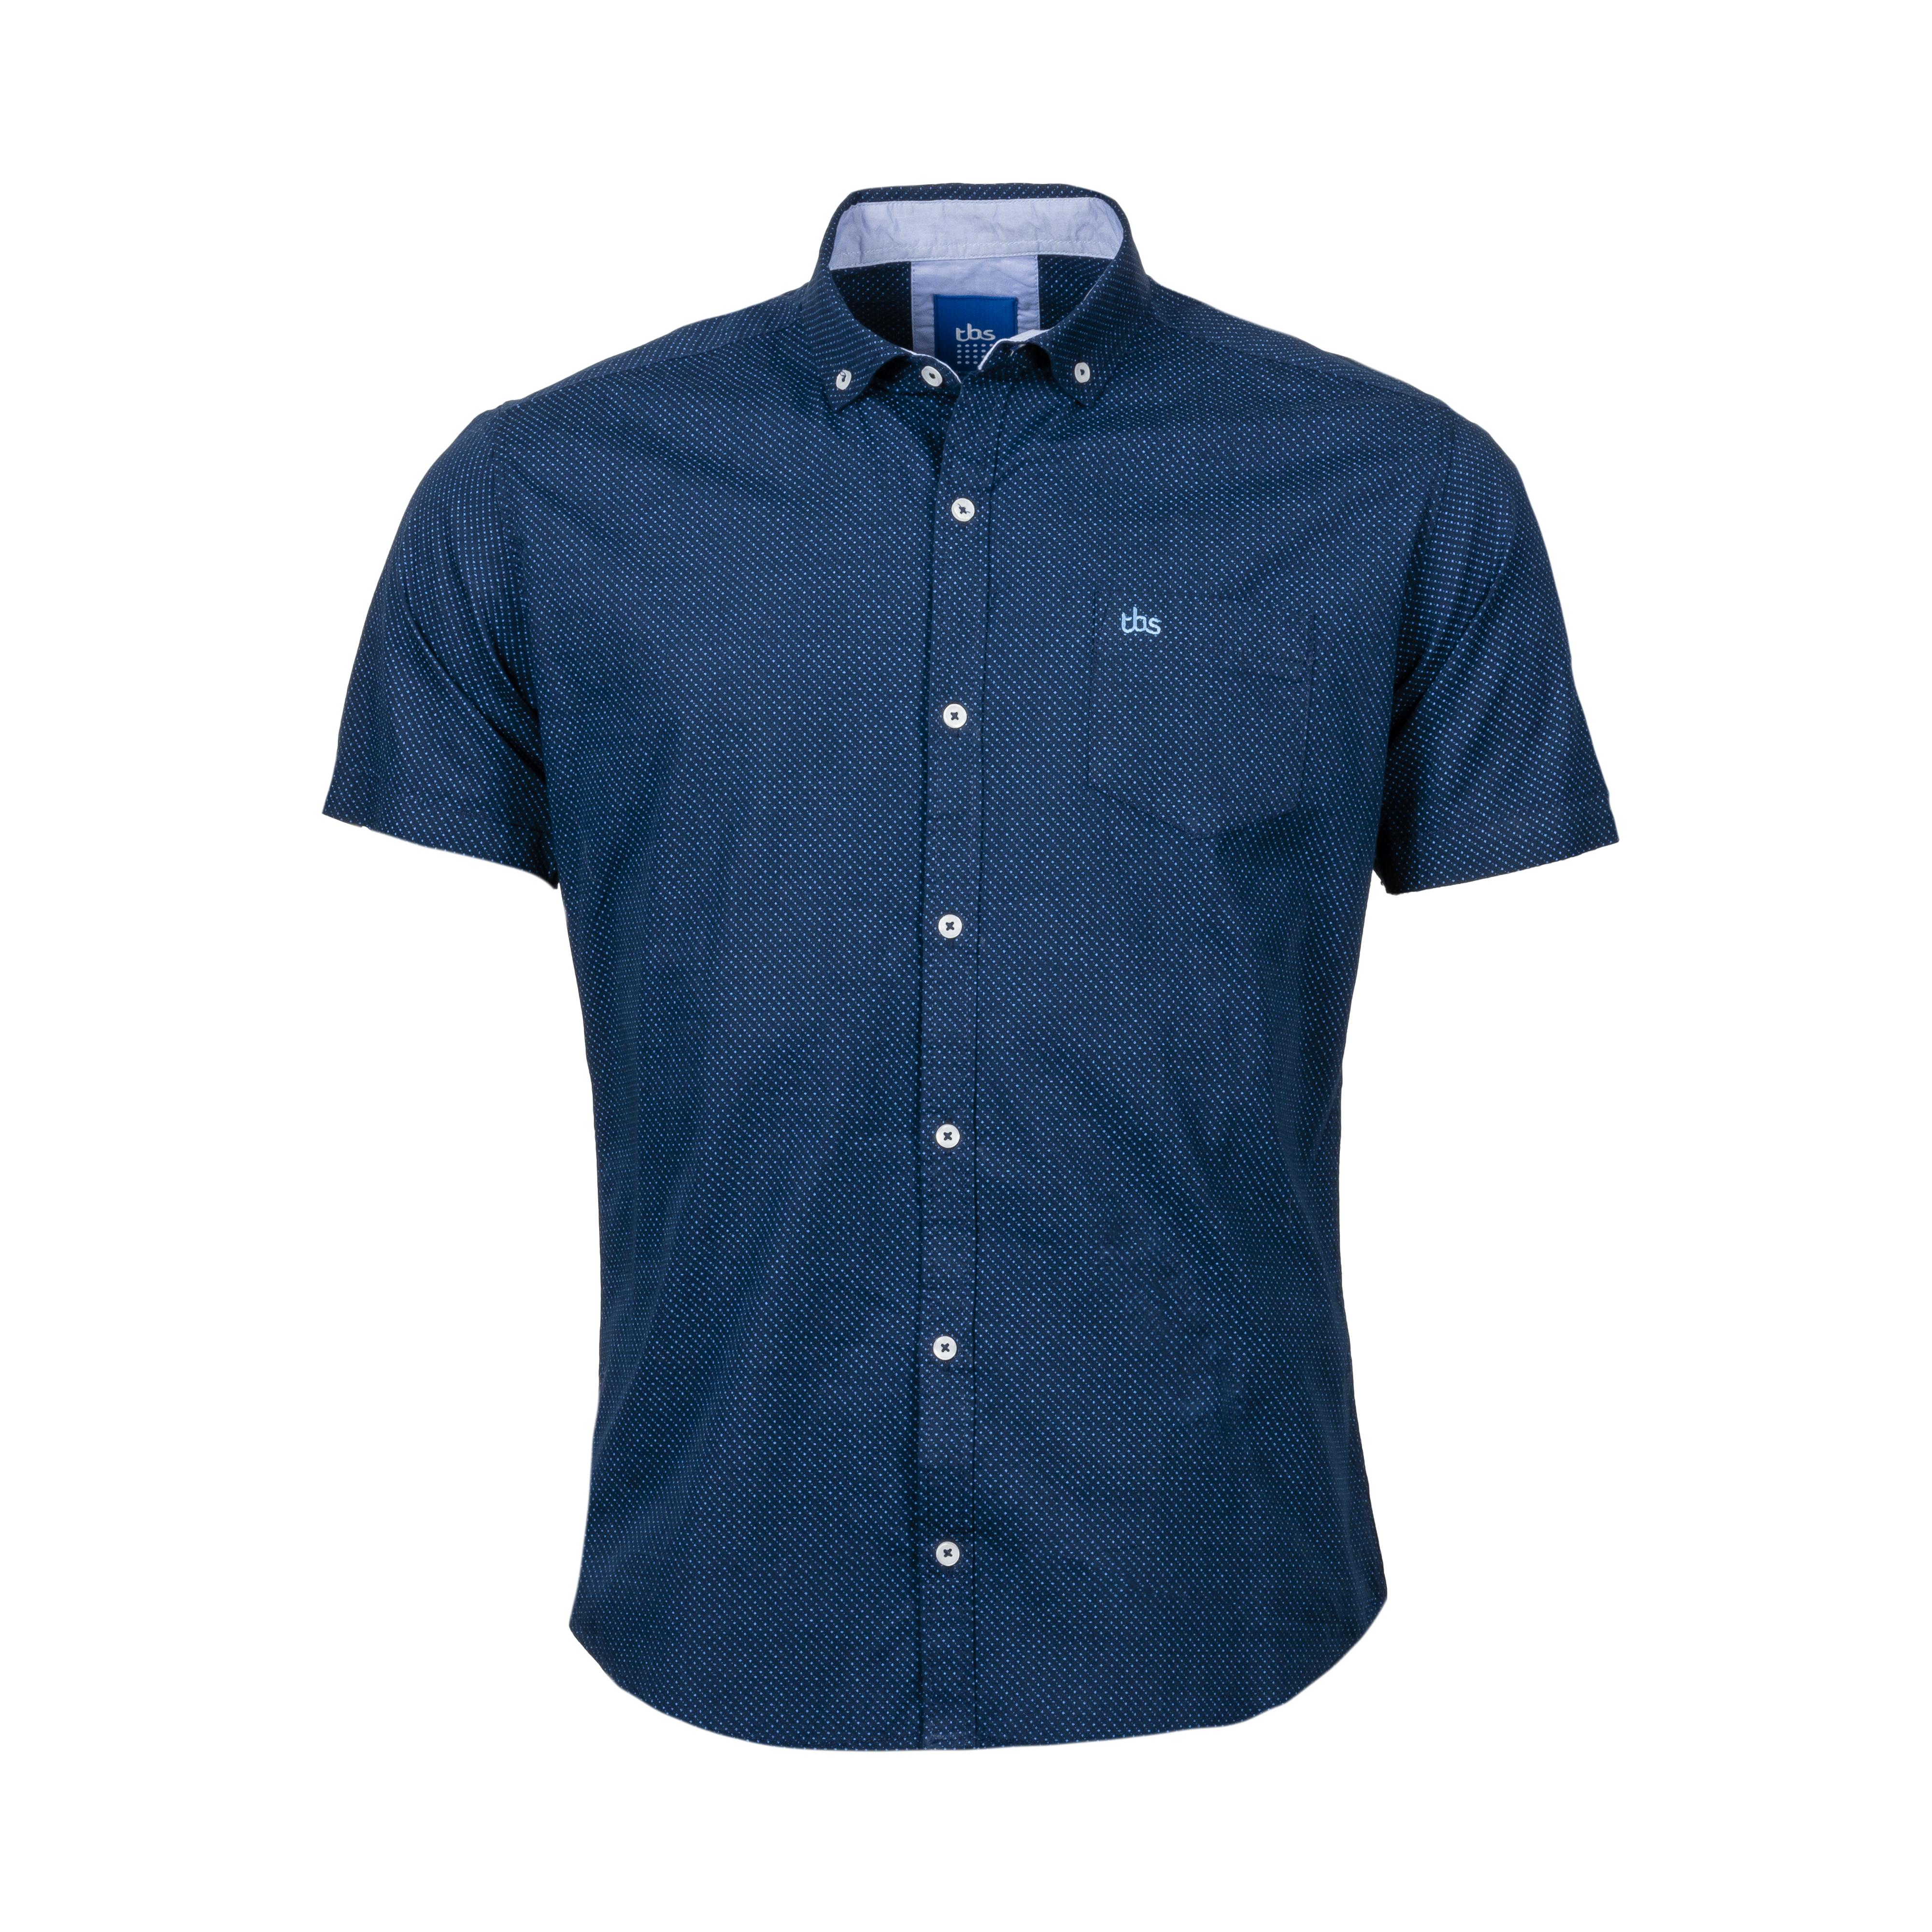 Chemise ajustée manches courtes  caverne en coton bleu marine à micro motifs bleu ciel